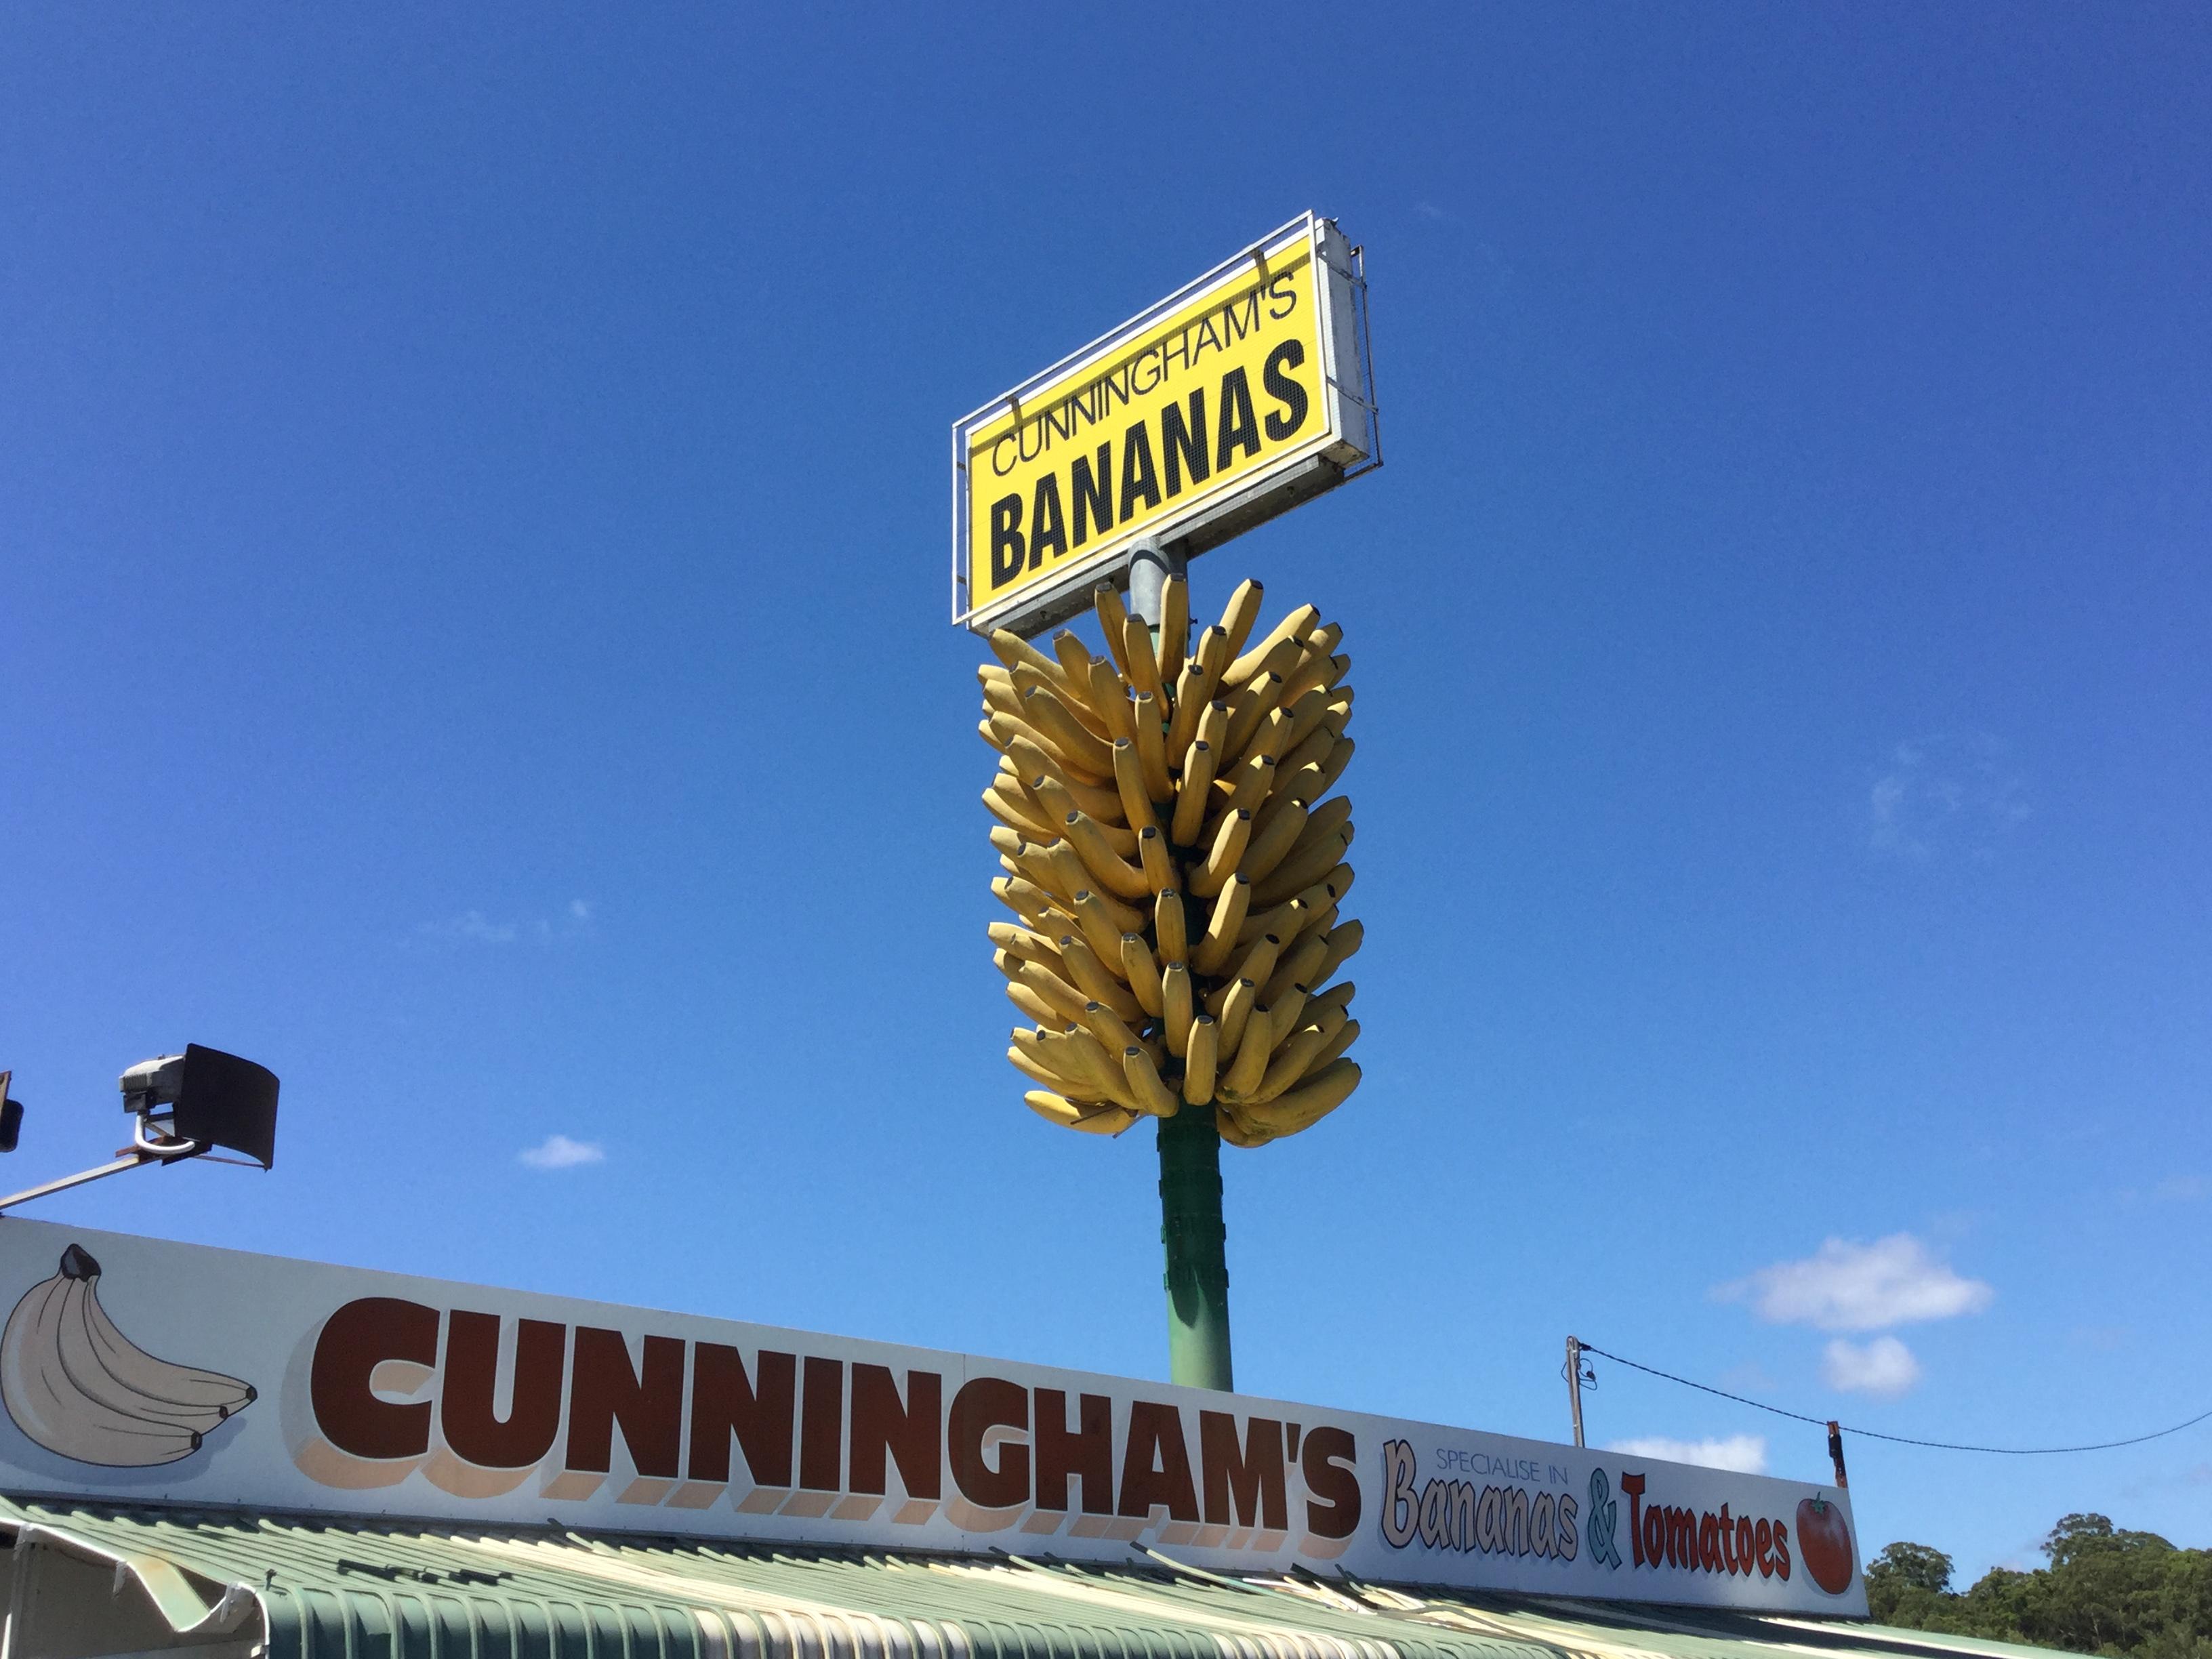 大きなバナナの房が目印の八百屋さん in Coffs Harbour